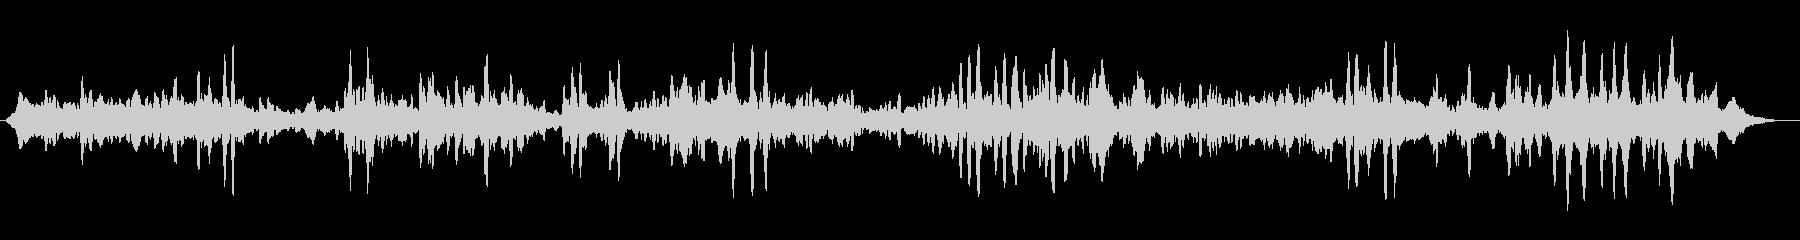 【生】厳格で落ち着いたチェロ独奏曲の定番の未再生の波形